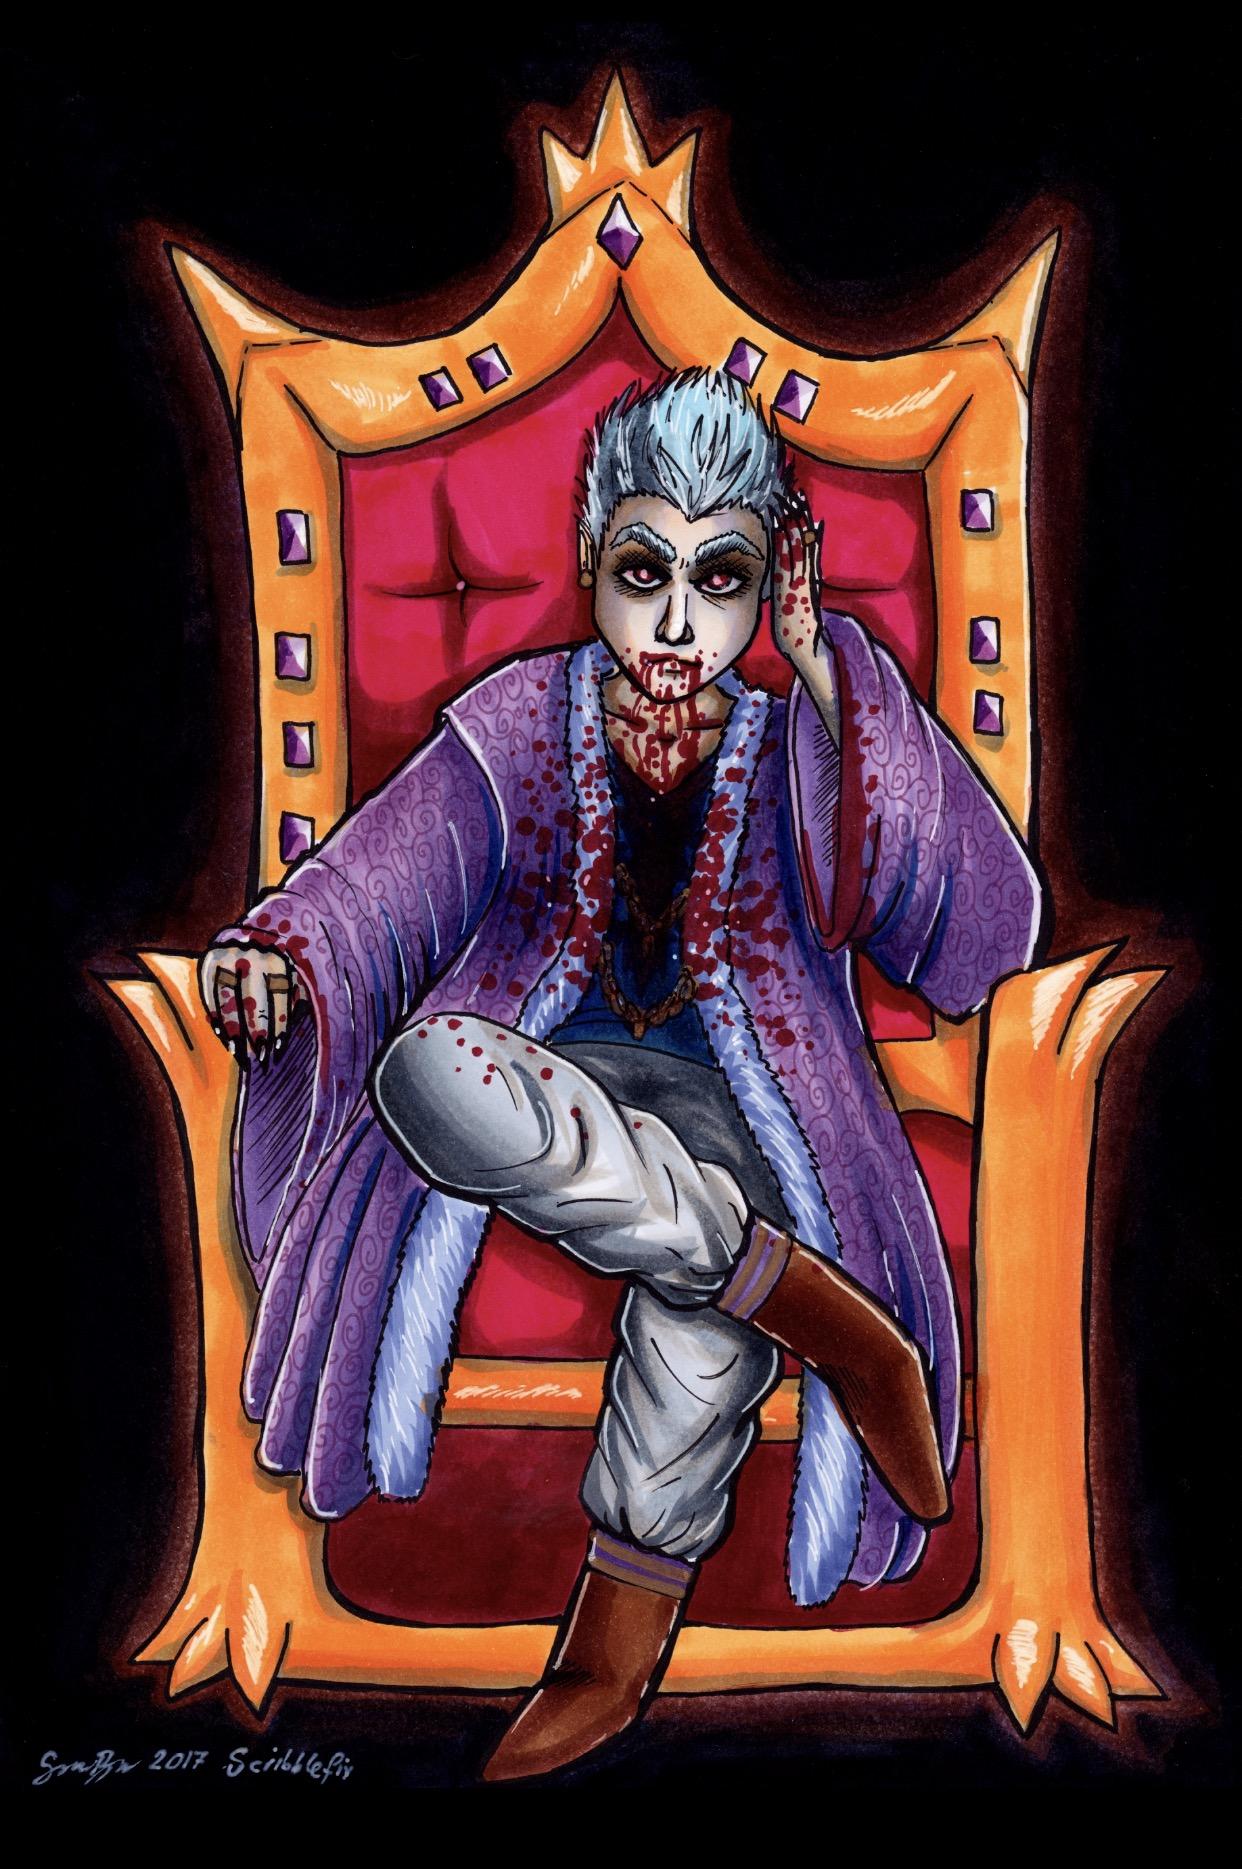 Vampire King Copic Marker Illustration